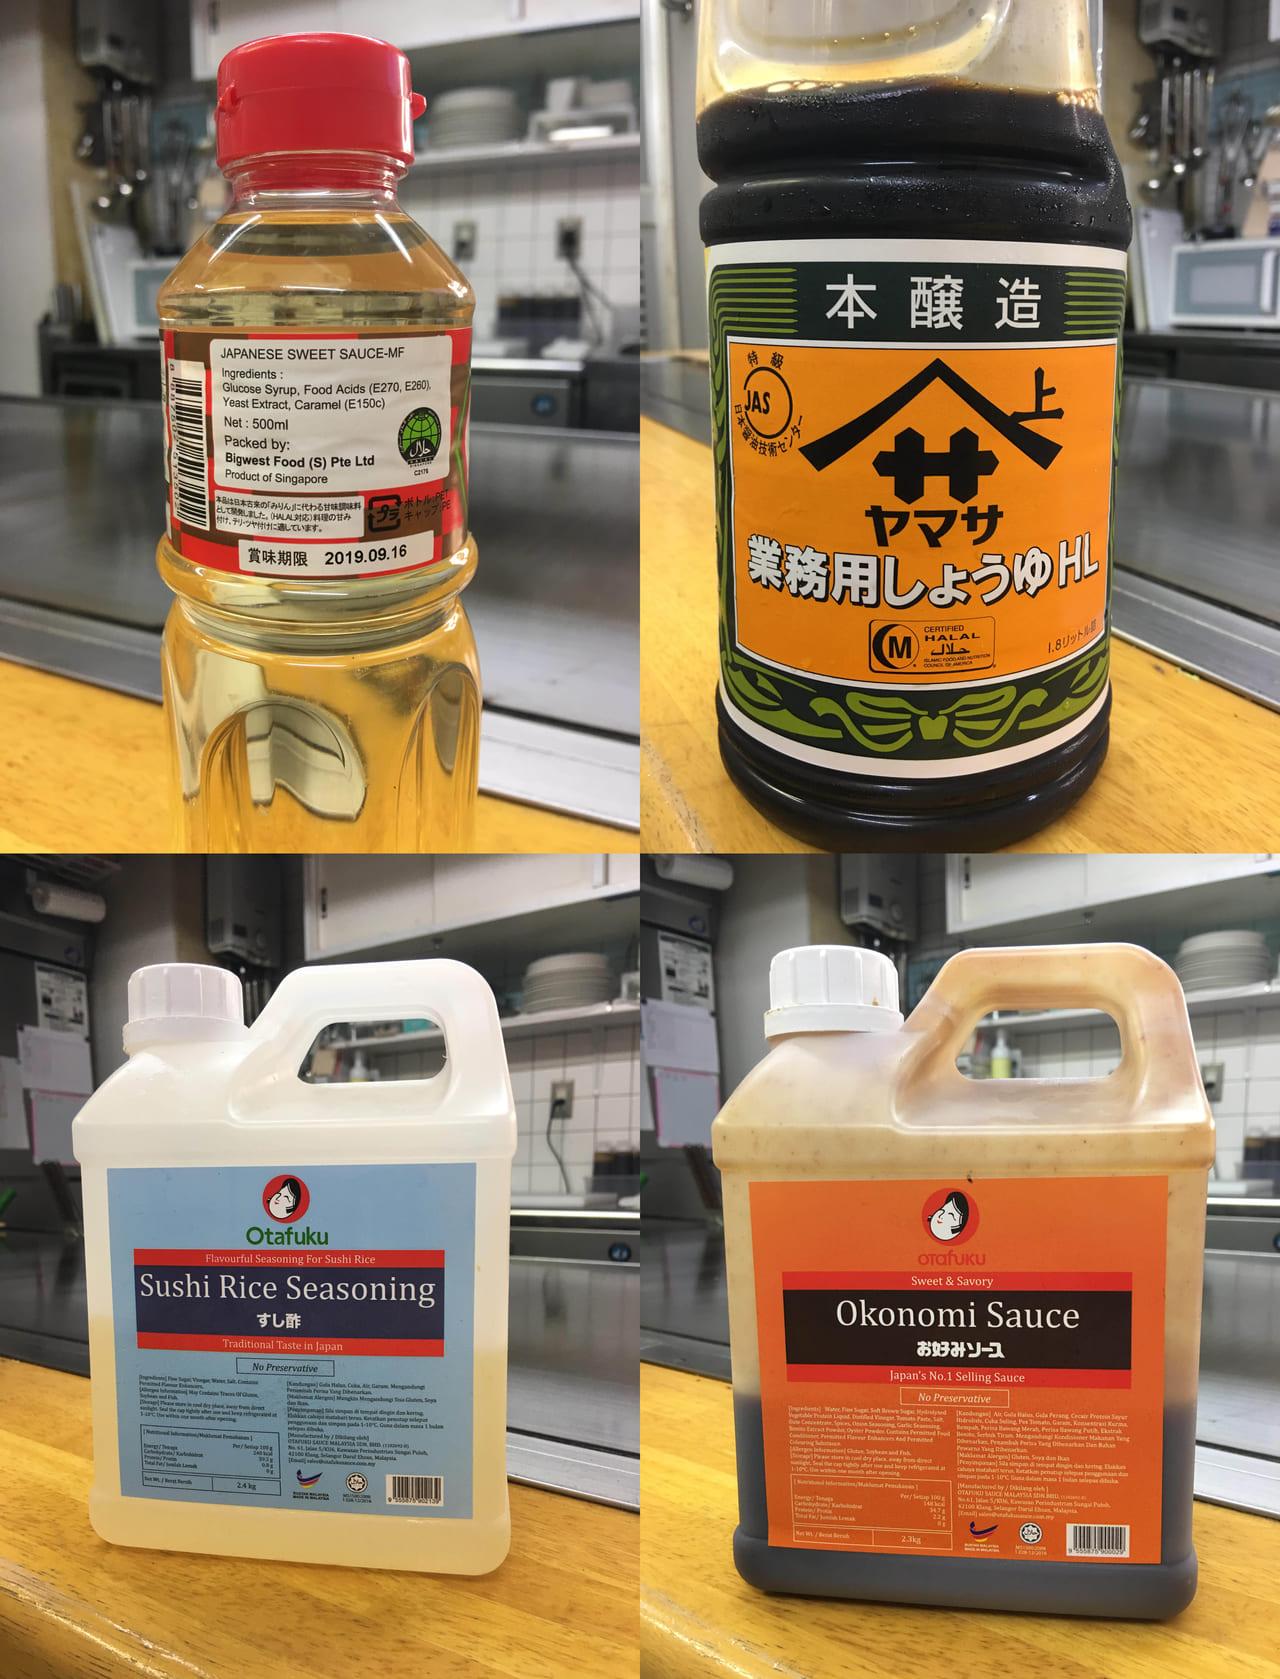 Okonomiyaki Khas Hiroshima Yang Ramah Muslim Di Restoran Origami Japan Food Diversity Today